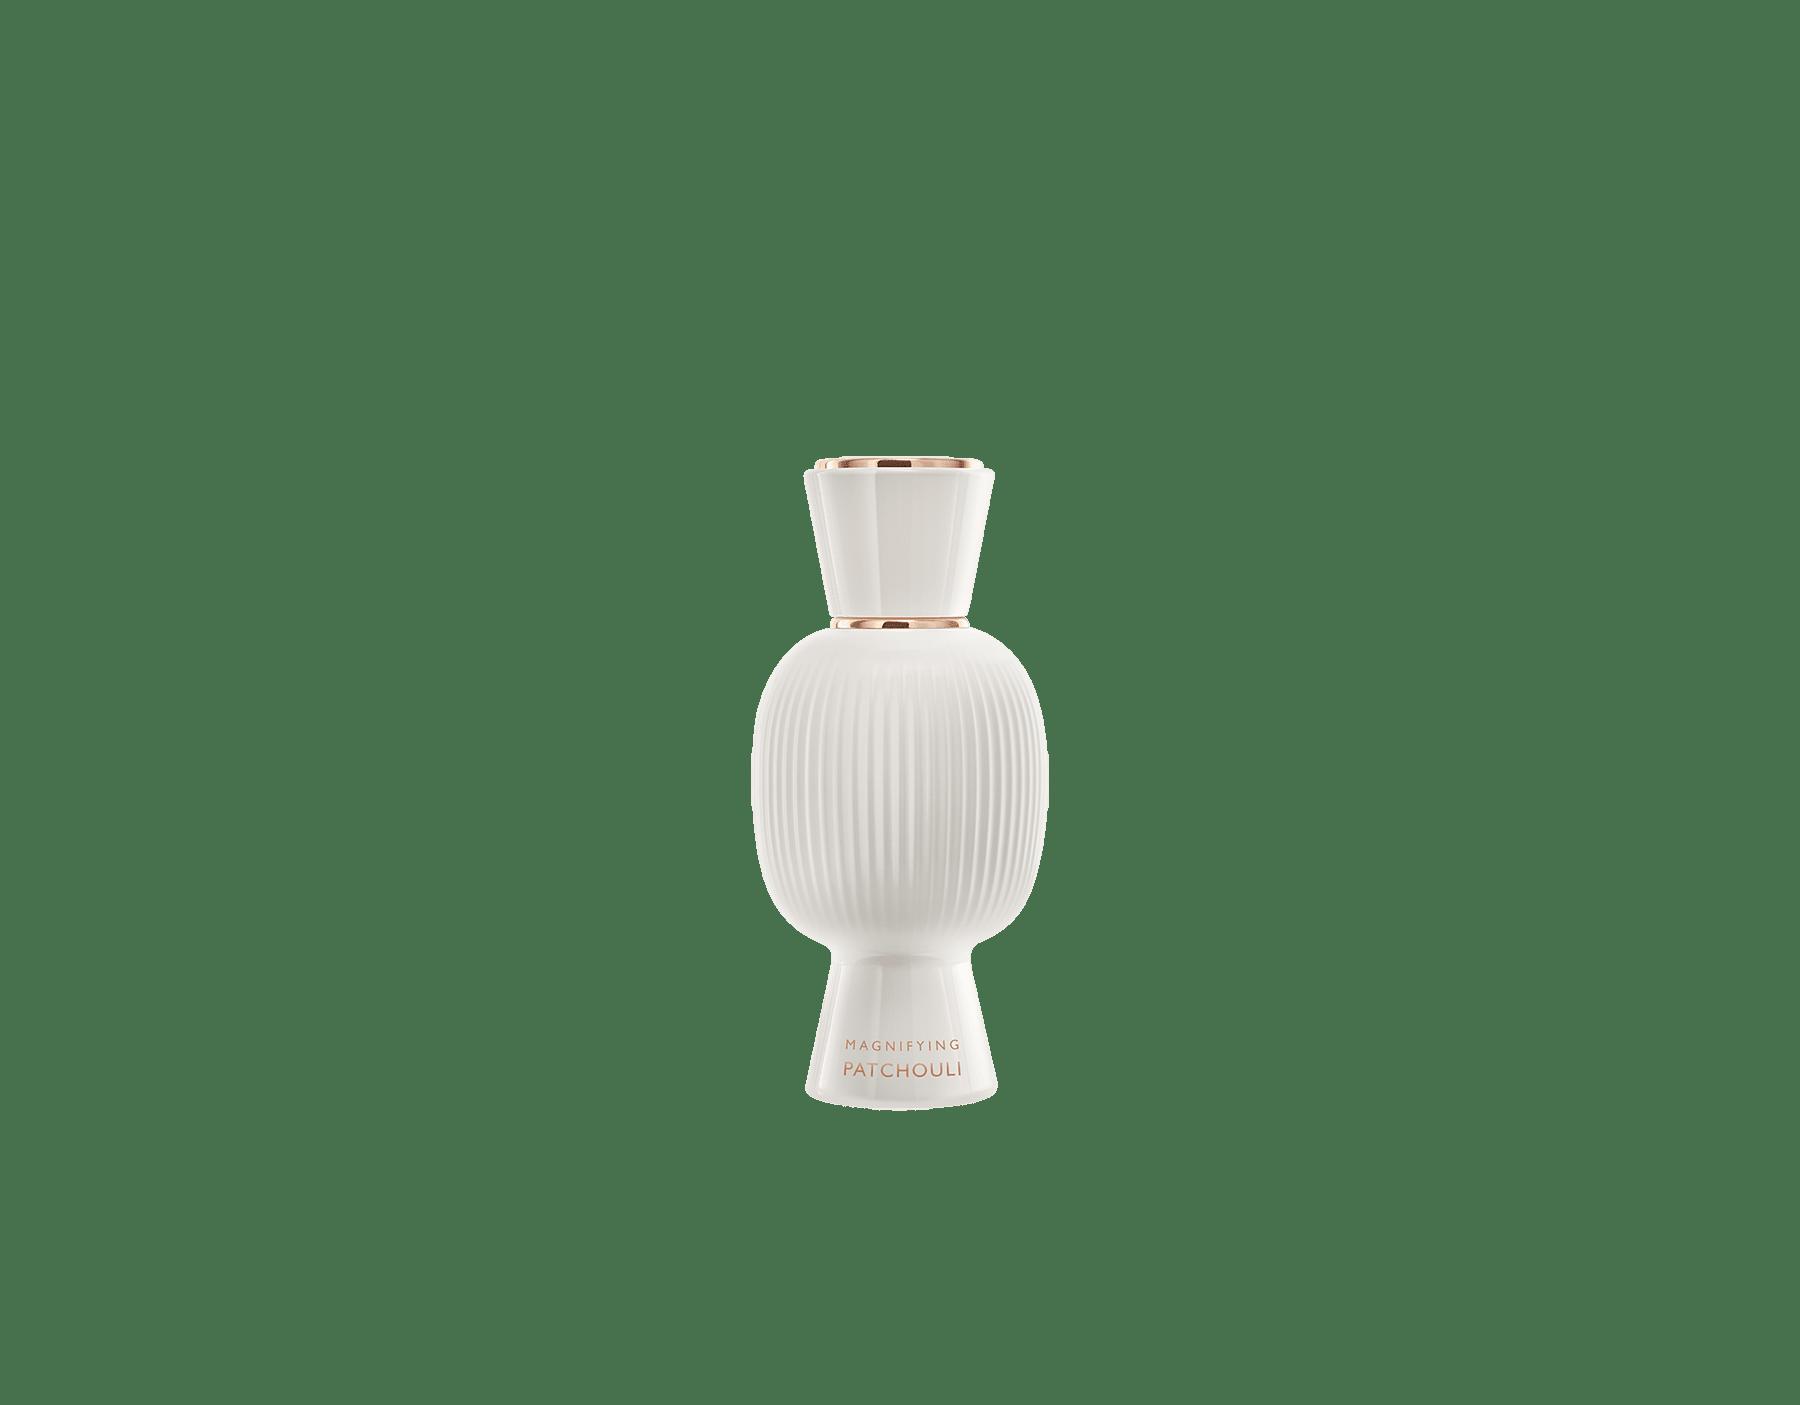 Un coffret de parfums exclusif, aussi unique et audacieux que vous. Magnifique et florale, l'Eau de Parfum Allegra Fiori d'Amore se mêle à la sensualité puissante de l'essence du Magnifying Patchouli pour donner vie à une irrésistible fragrance personnalisée. Perfume-Set-Fiori-d-Amore-Eau-de-Parfum-and-Patchouli-Magnifying image 3